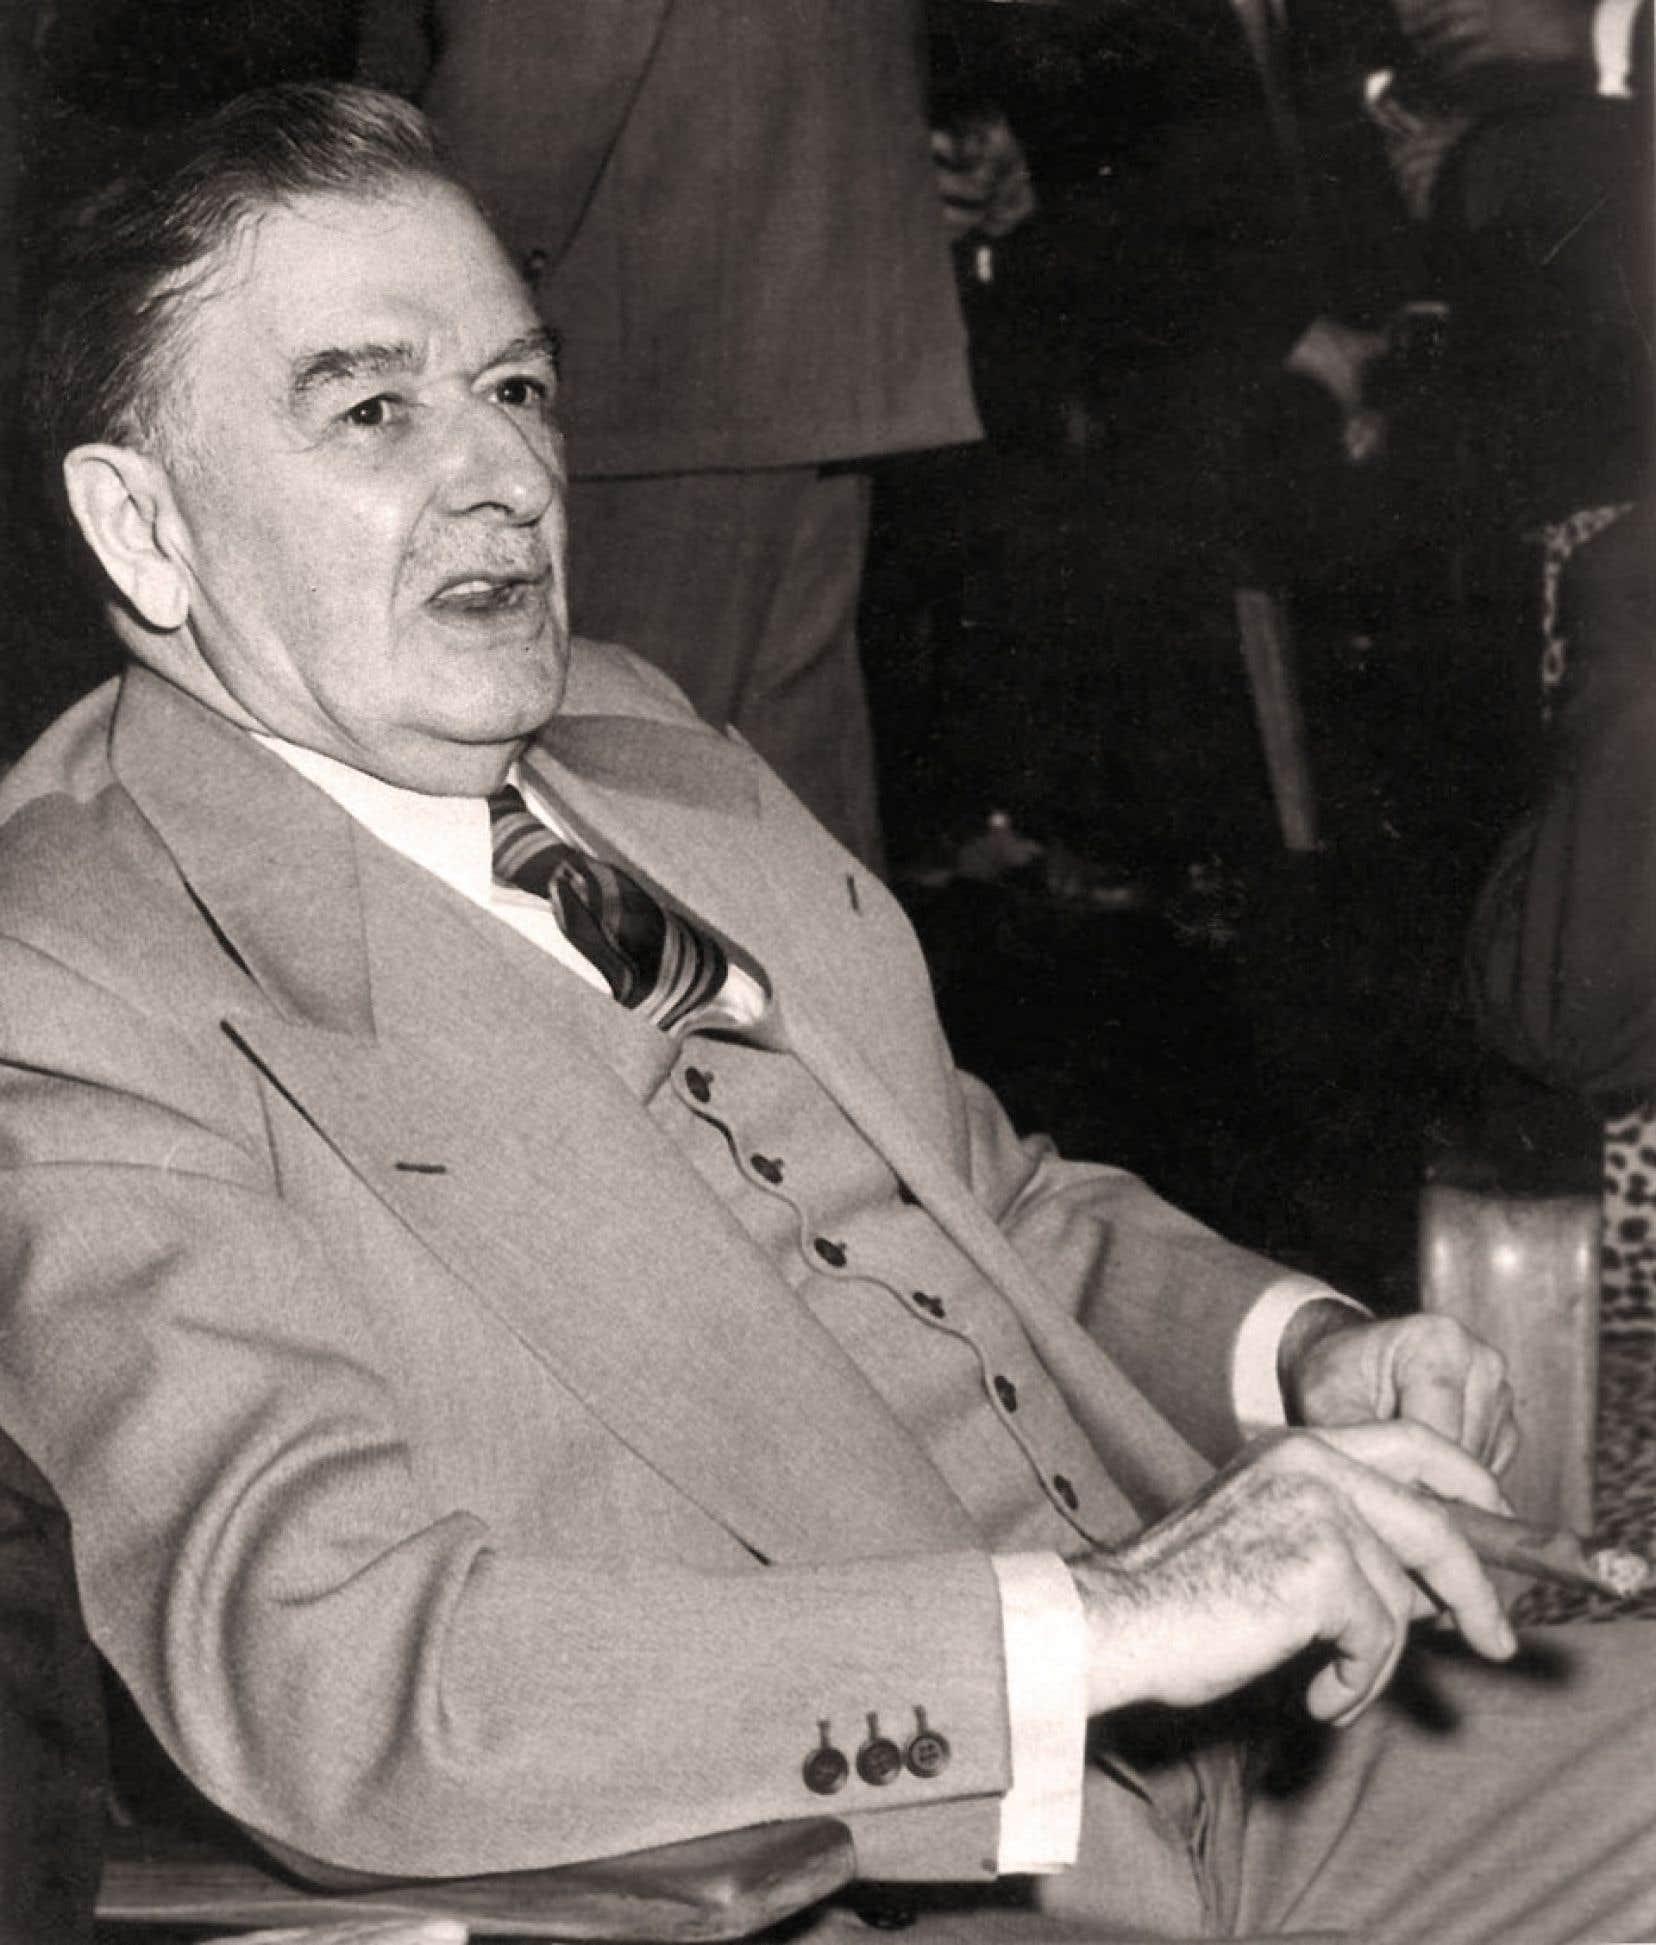 Maurice Duplessis condamnait la gratuité scolaire, qu'il qualifiait de « danger ». La FTQ est d'avis qu'il faut l'étudier en profondeur.